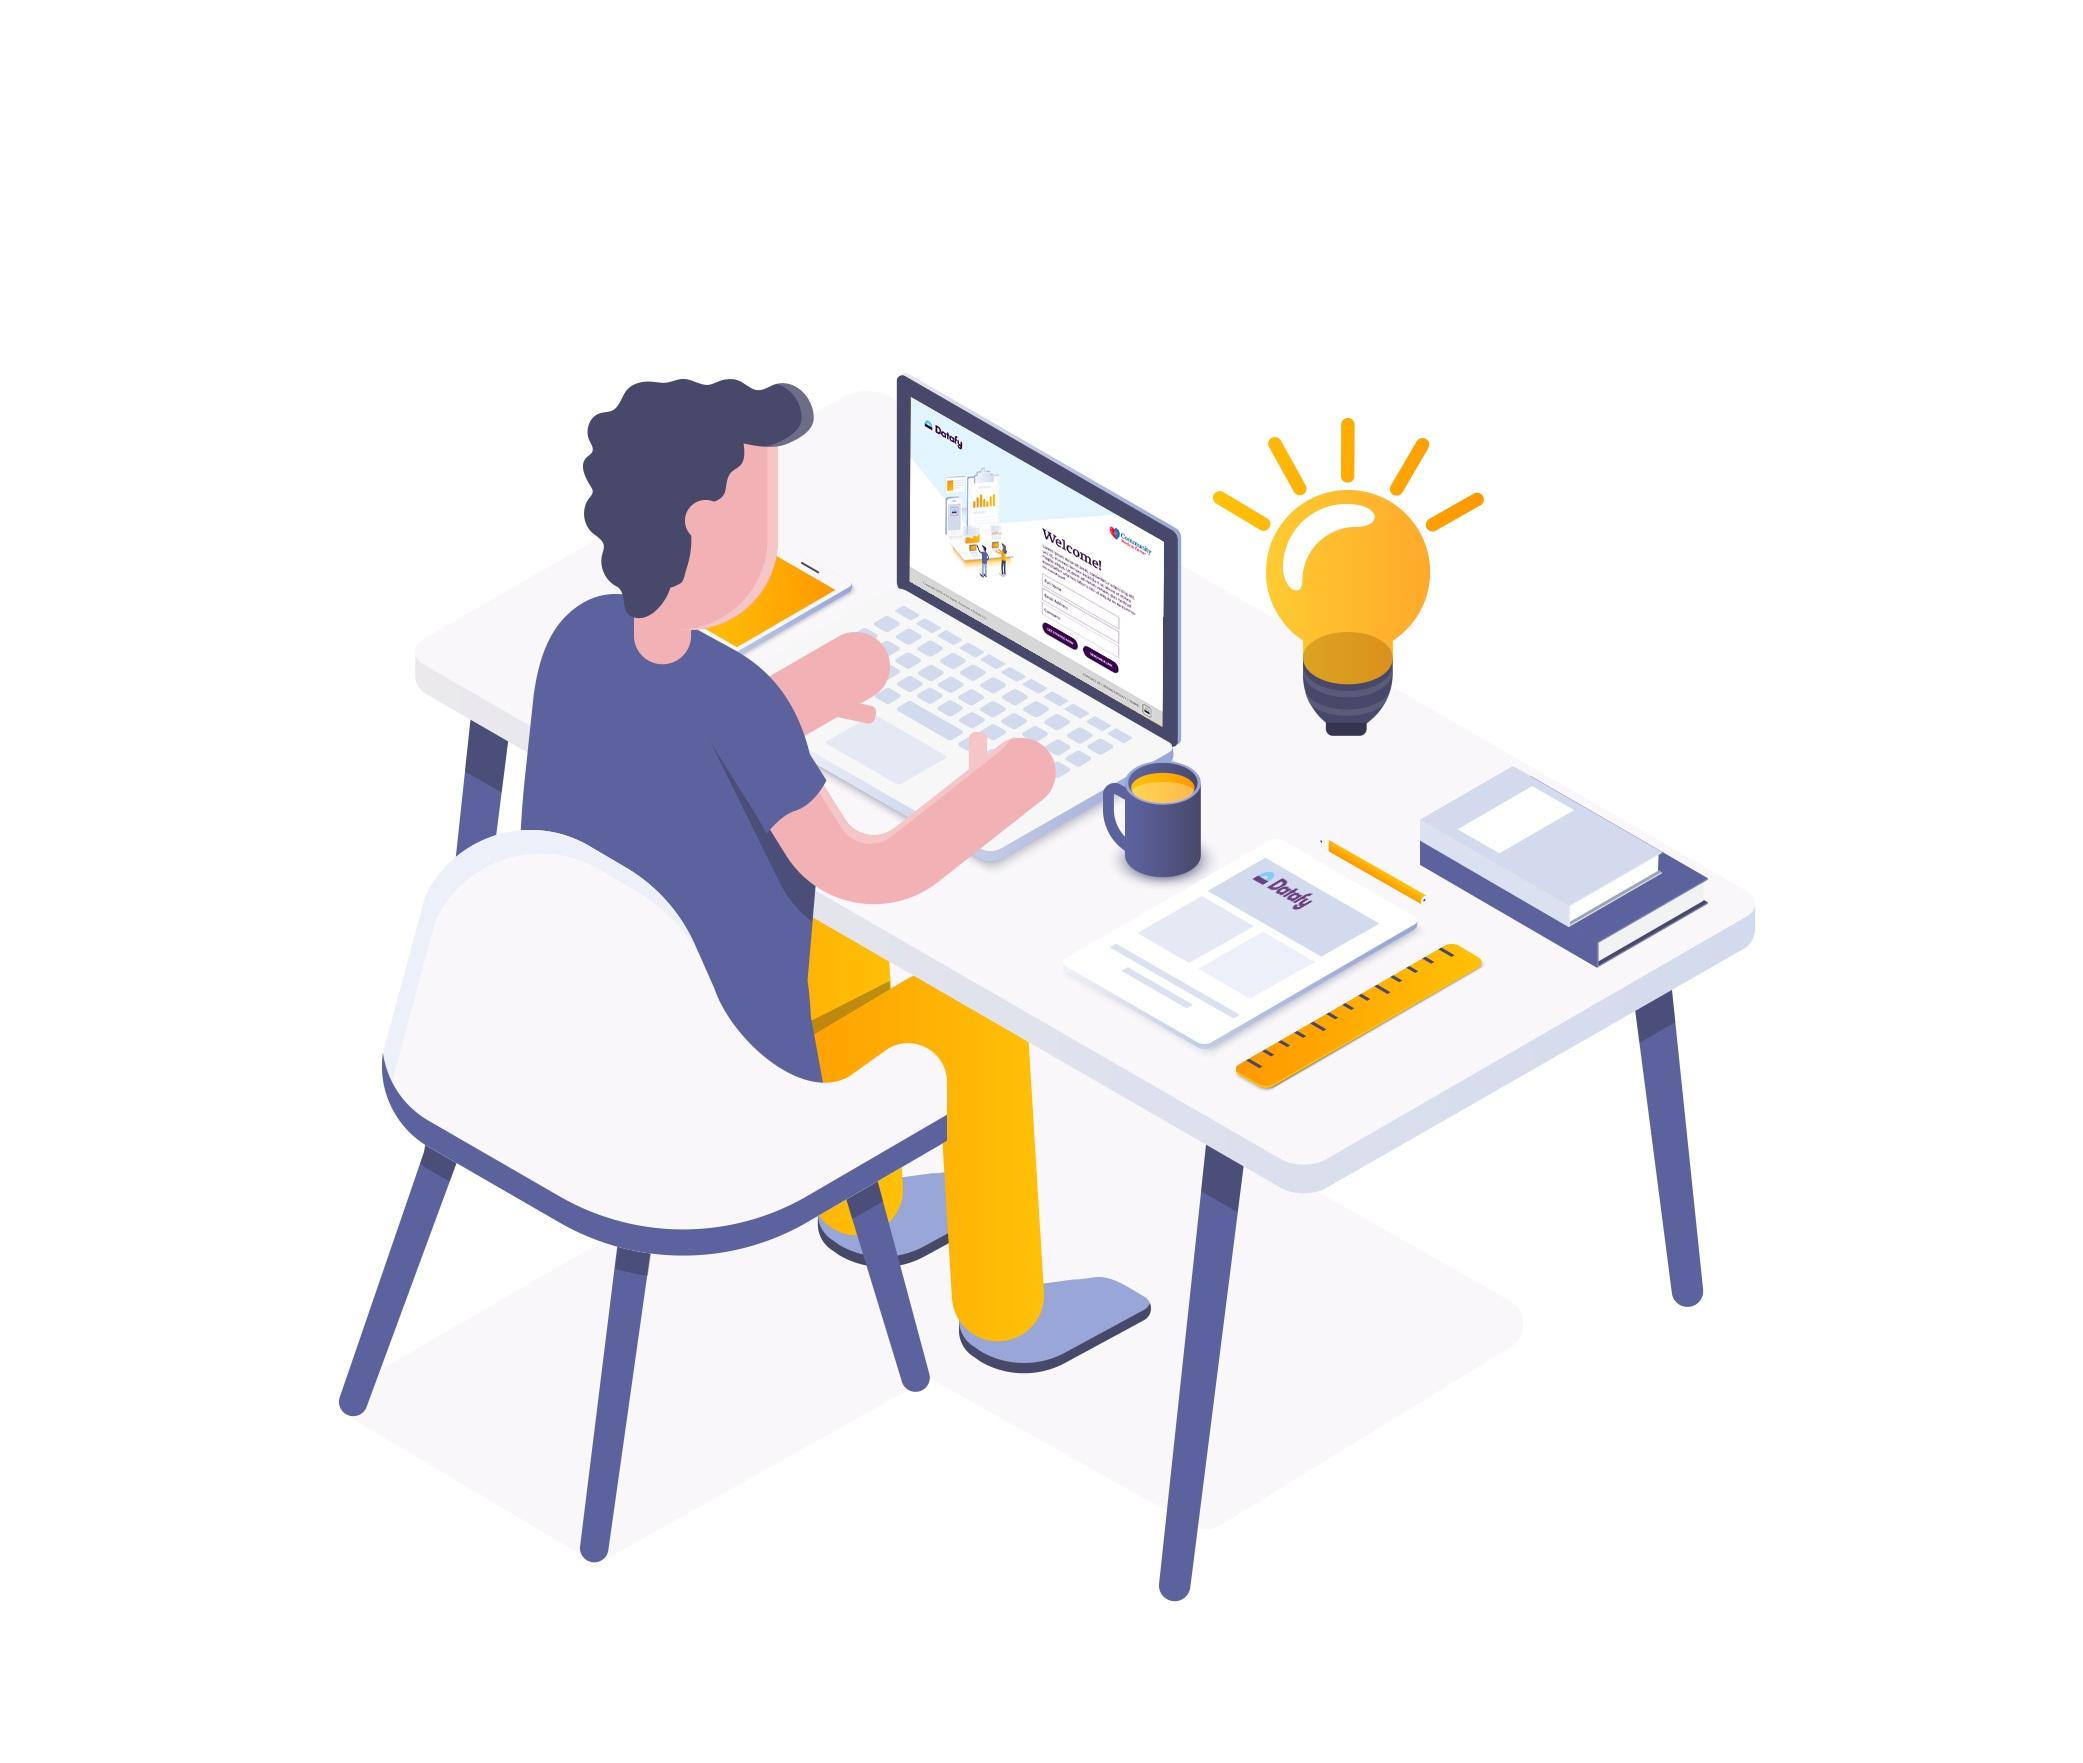 Man+at+Desk.jpg